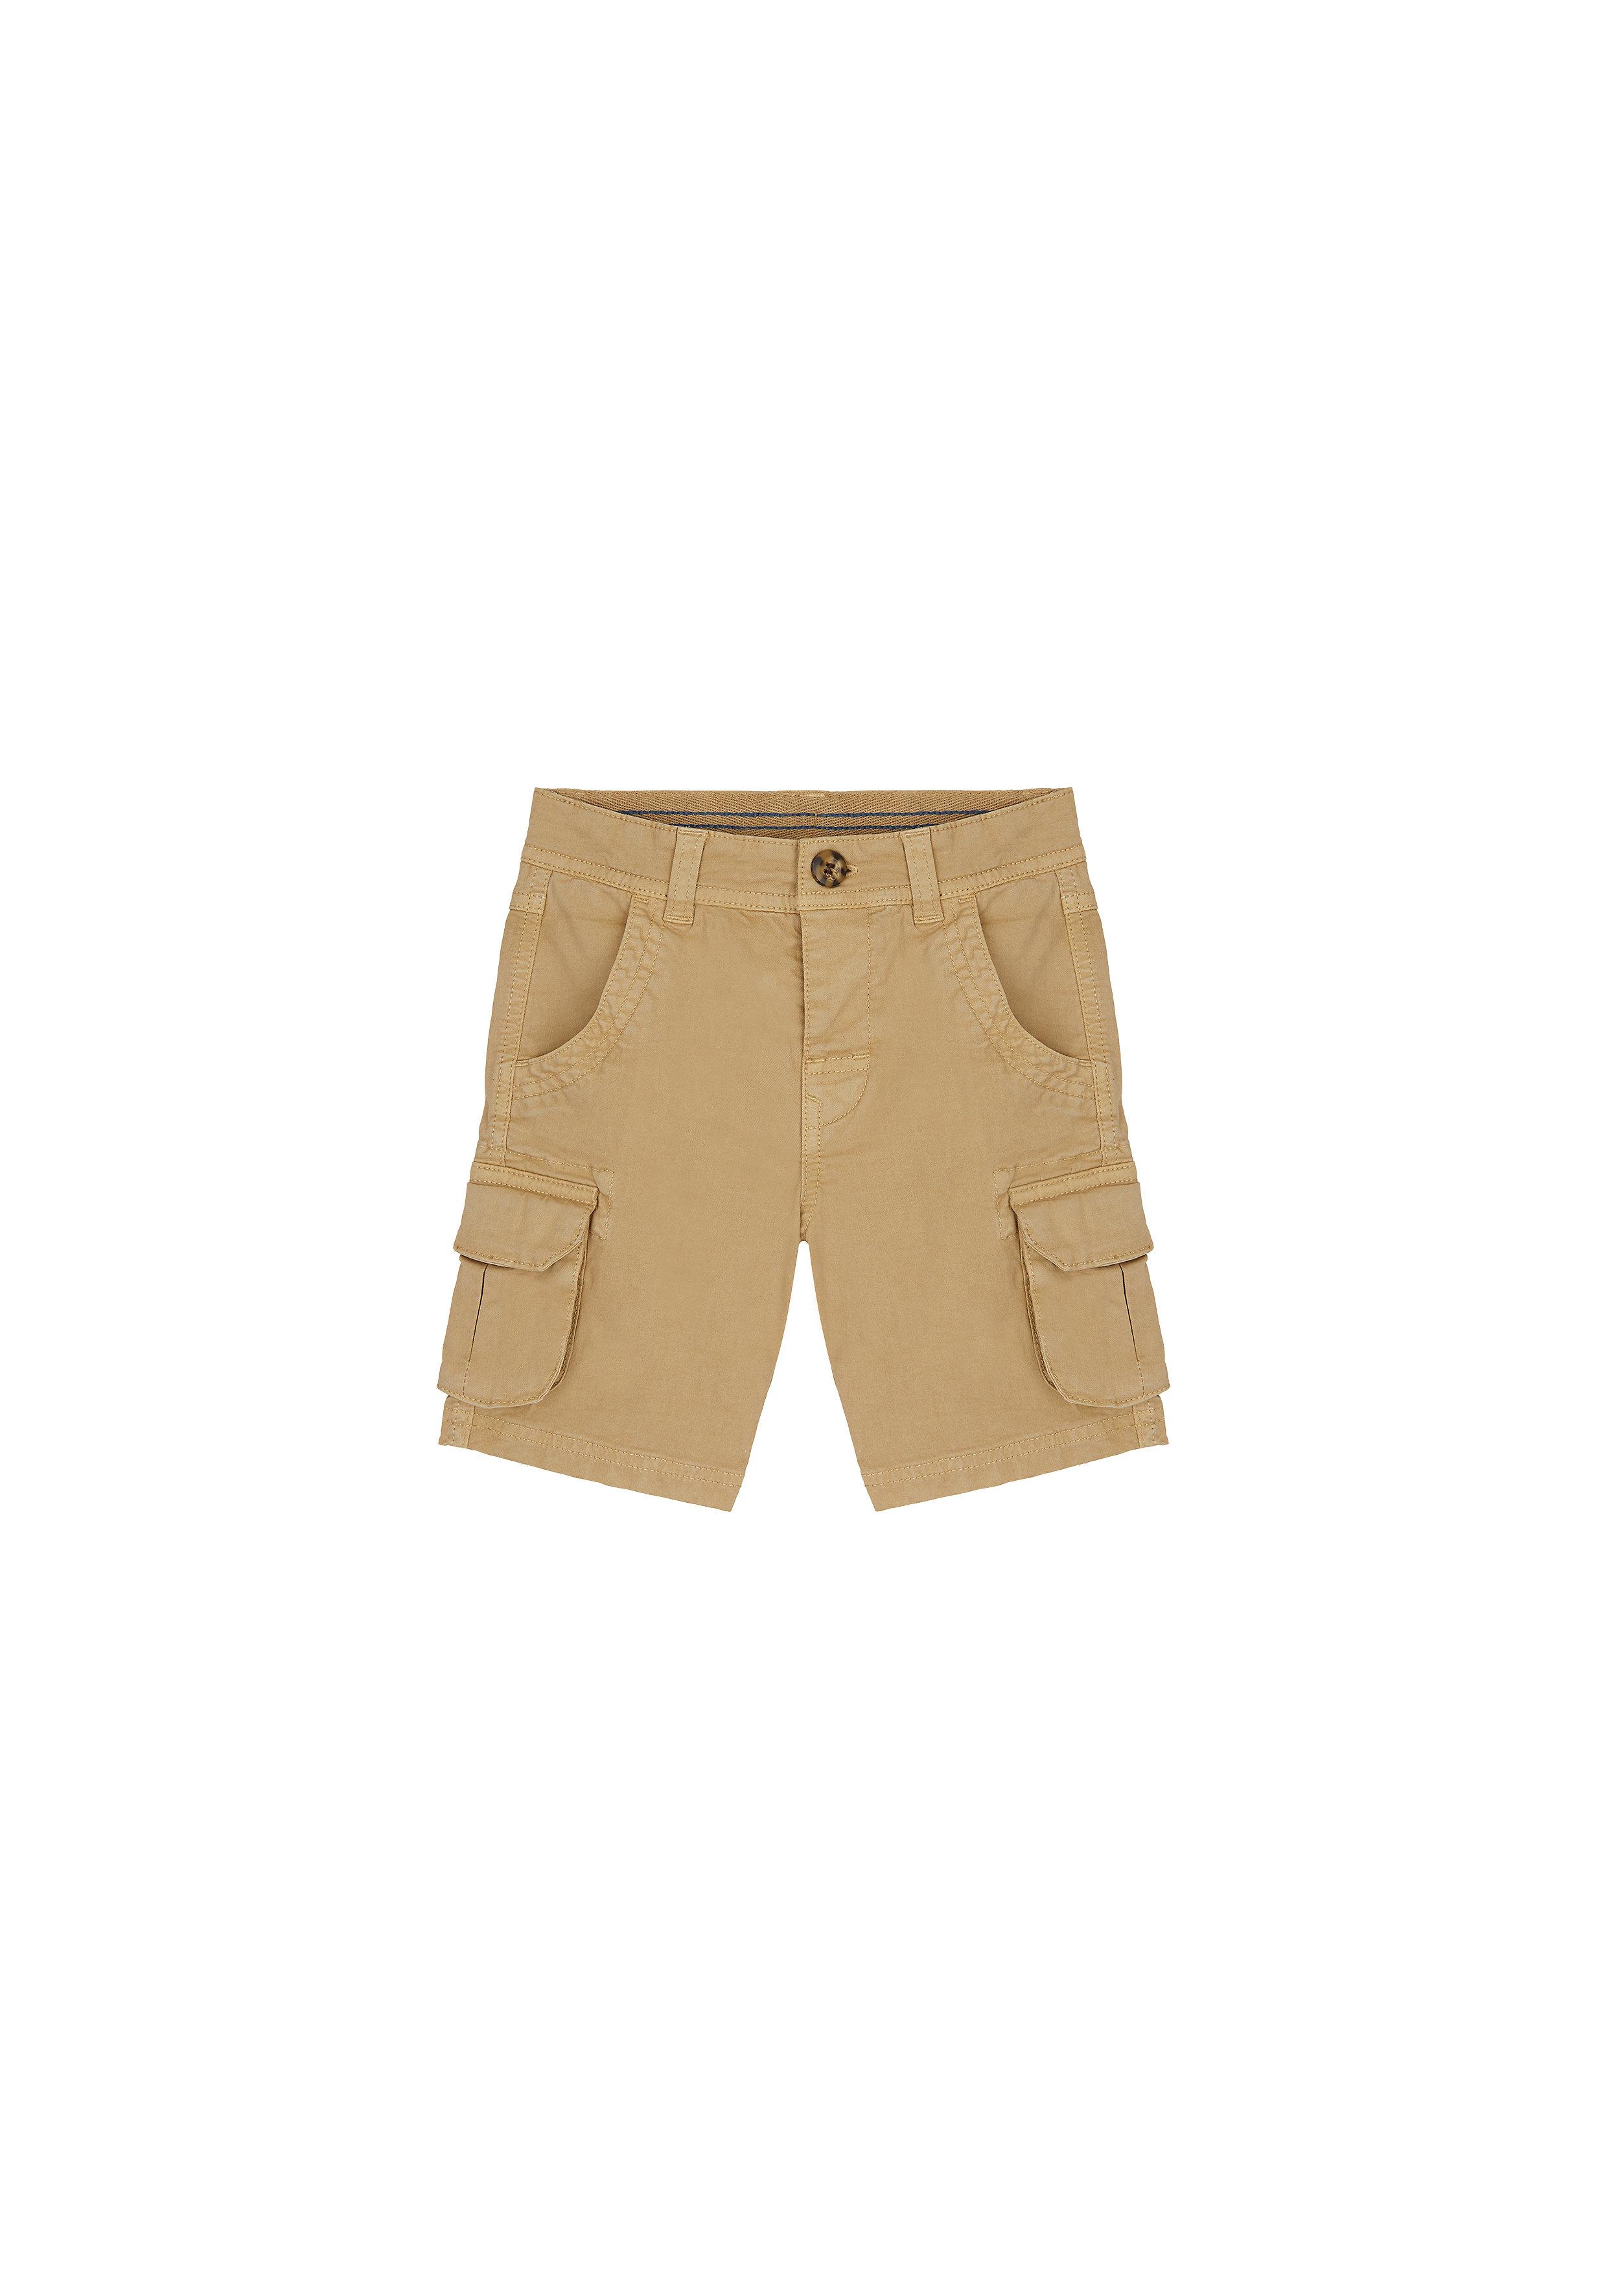 Mothercare | Boys Cargo Shorts - Tan